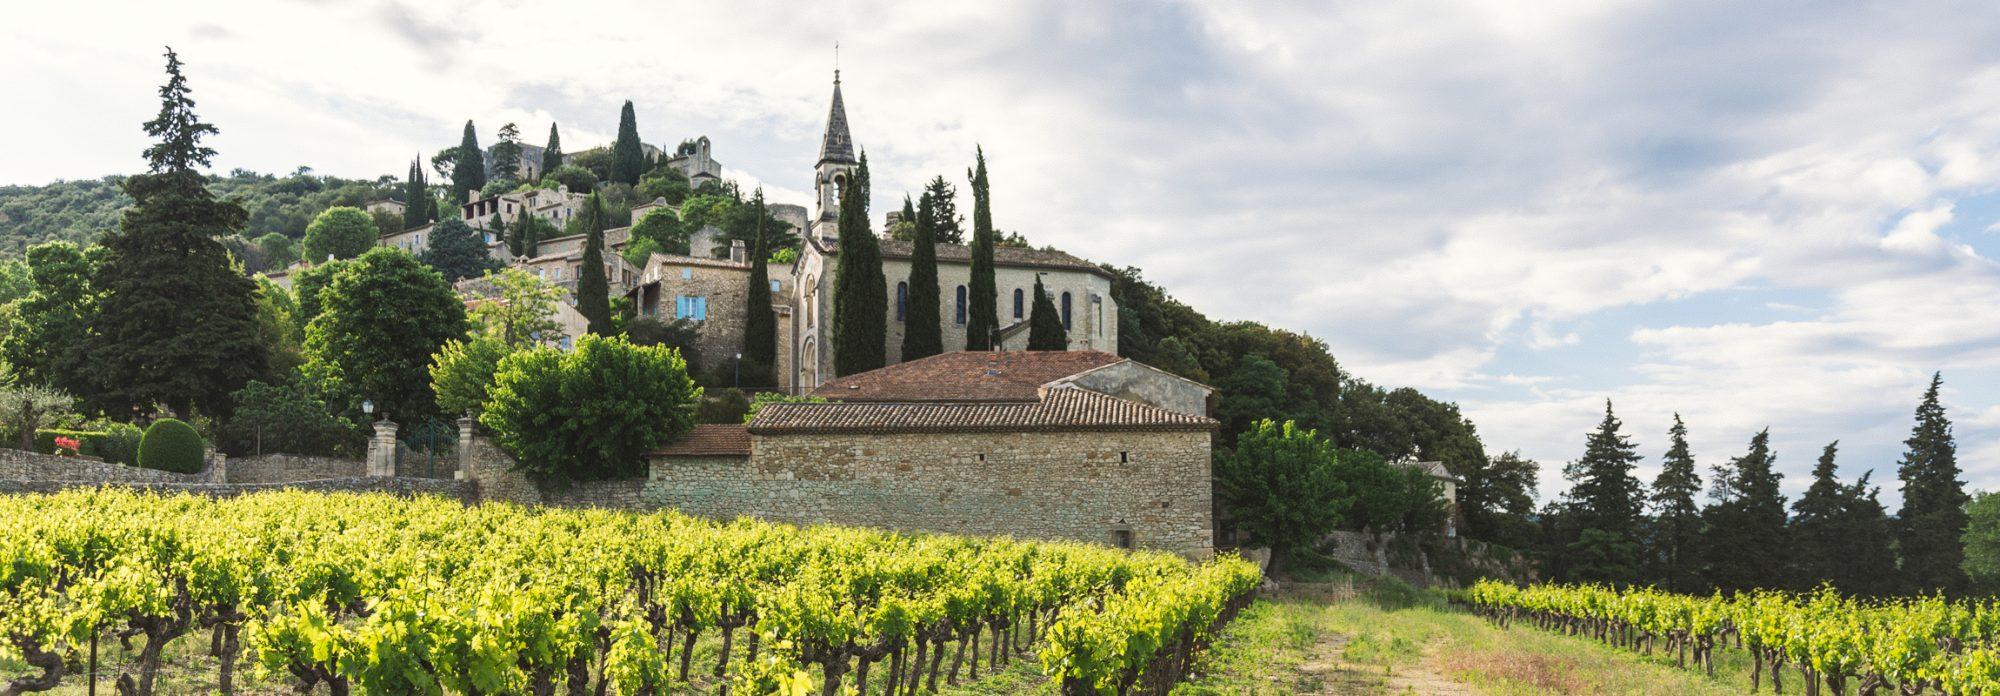 Das historische Staedtchen hier im Bild ist La Roque-sur-Cèze und befindet sich wie auch das Hotel Château de Montcaud am Rande der Provence in Südfrankreich. Einen Besuch wert sind es beide!